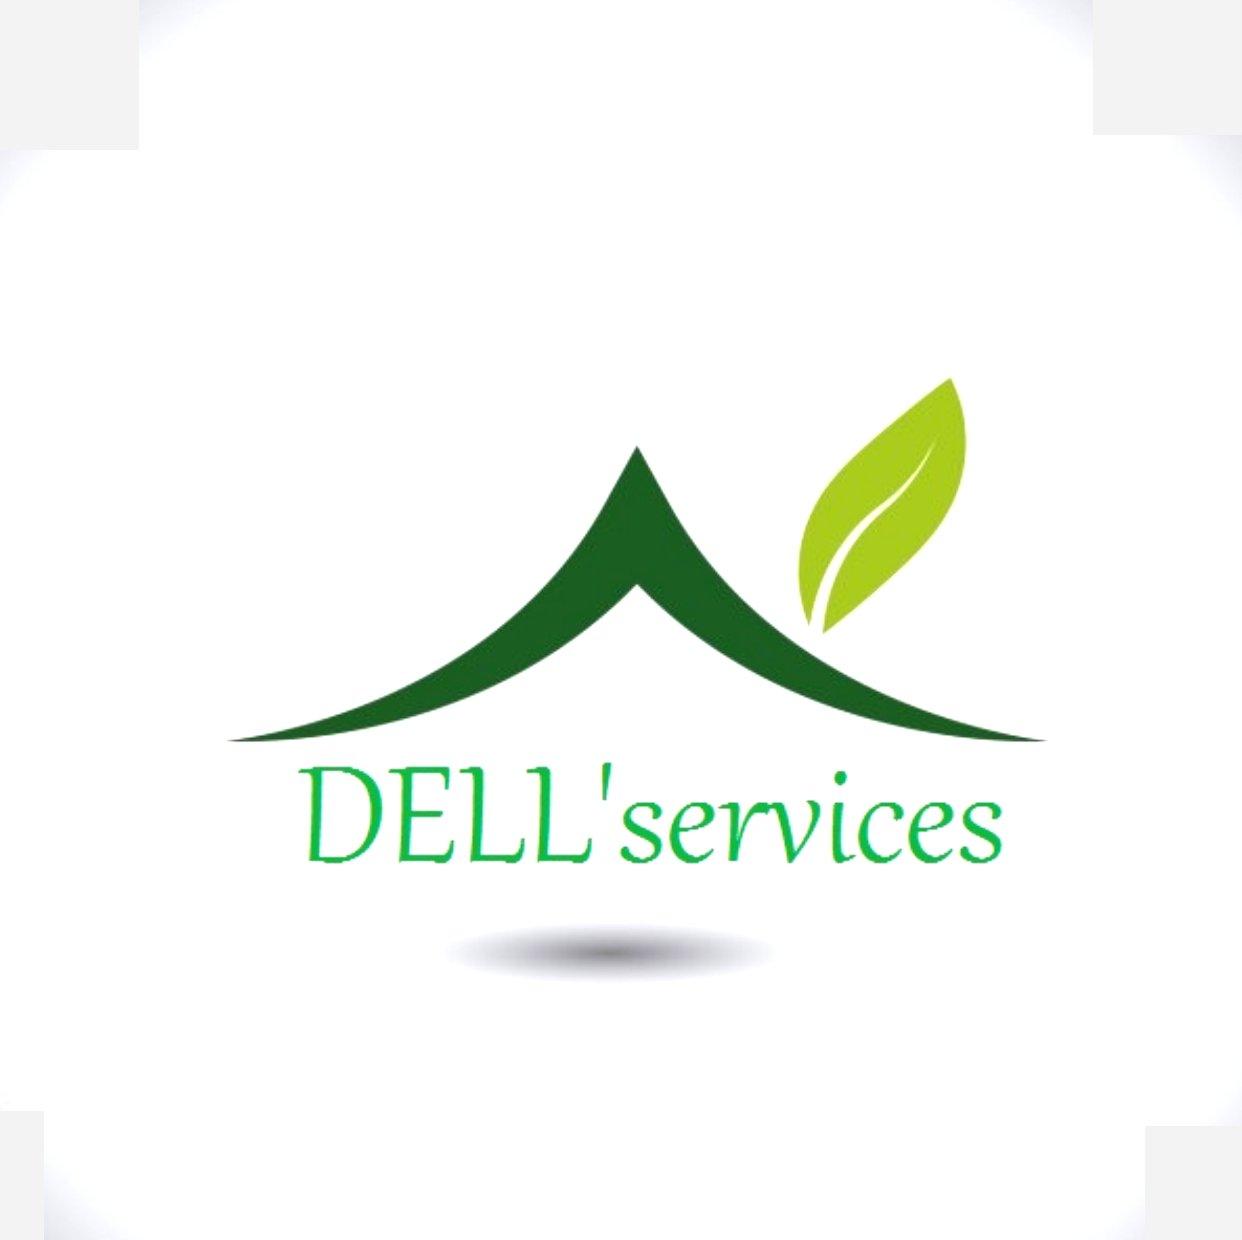 DELL'services